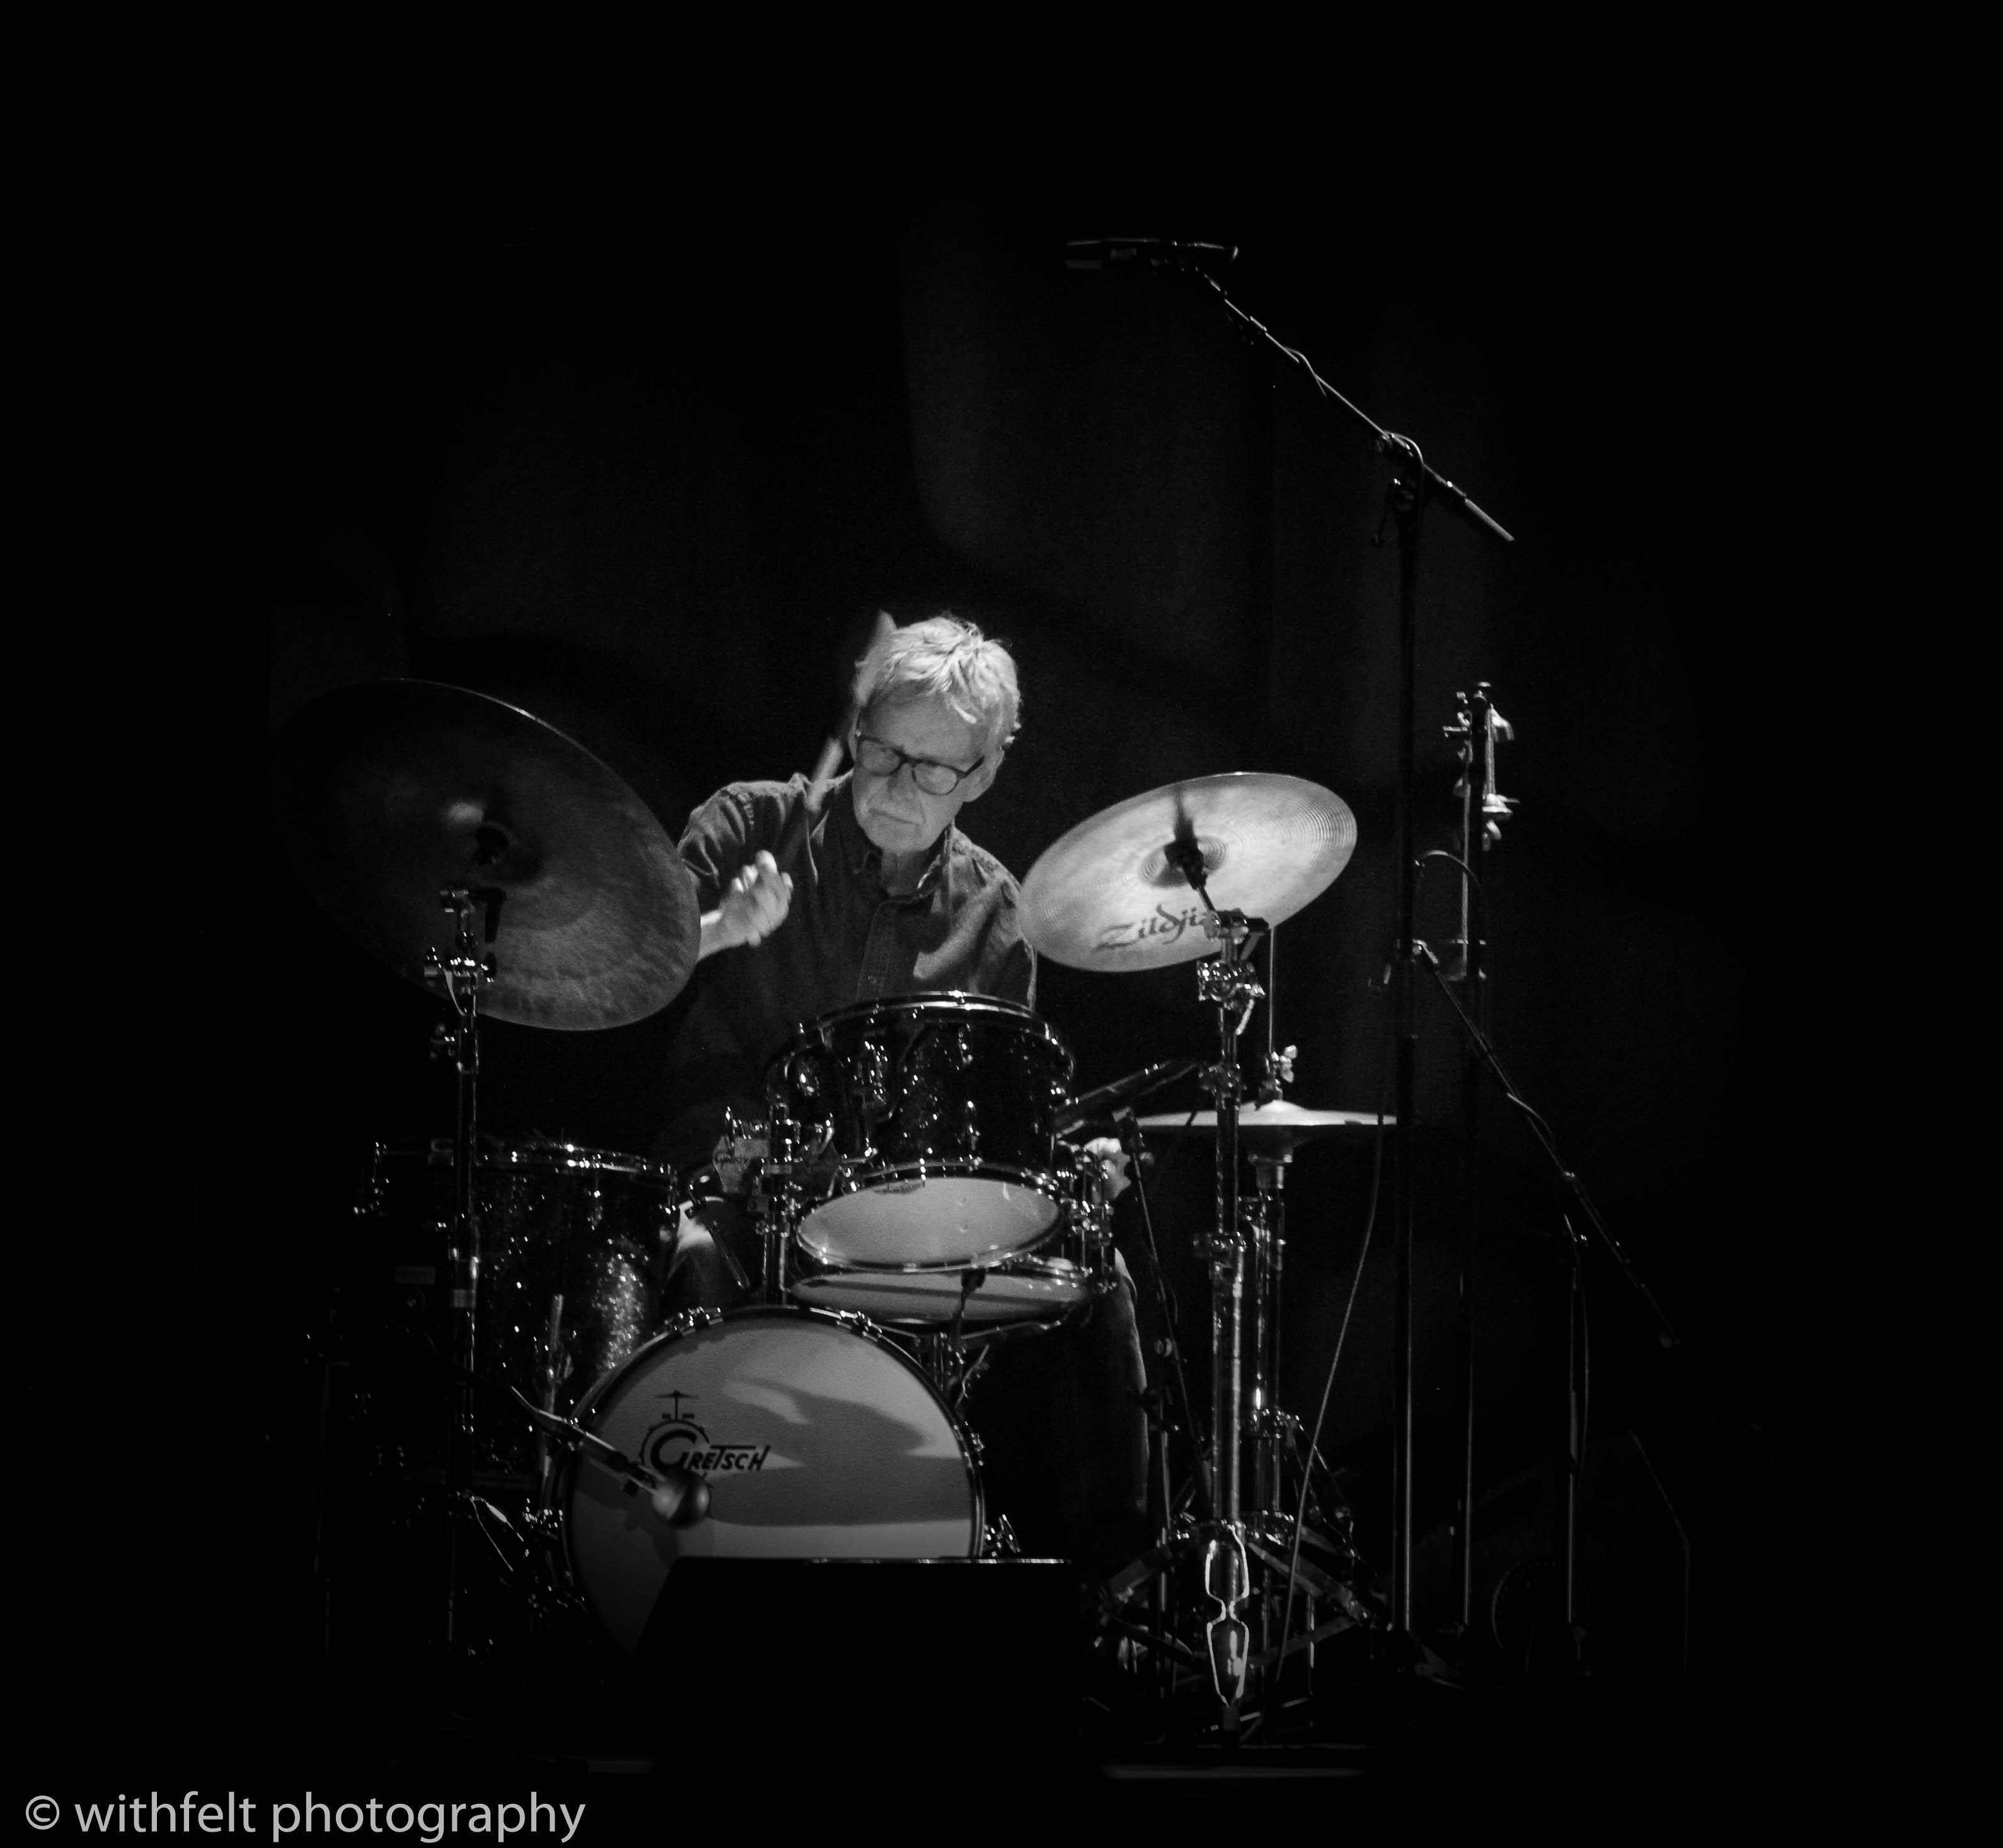 Jon Christensen at Copenhagen Jazz Festival 2018